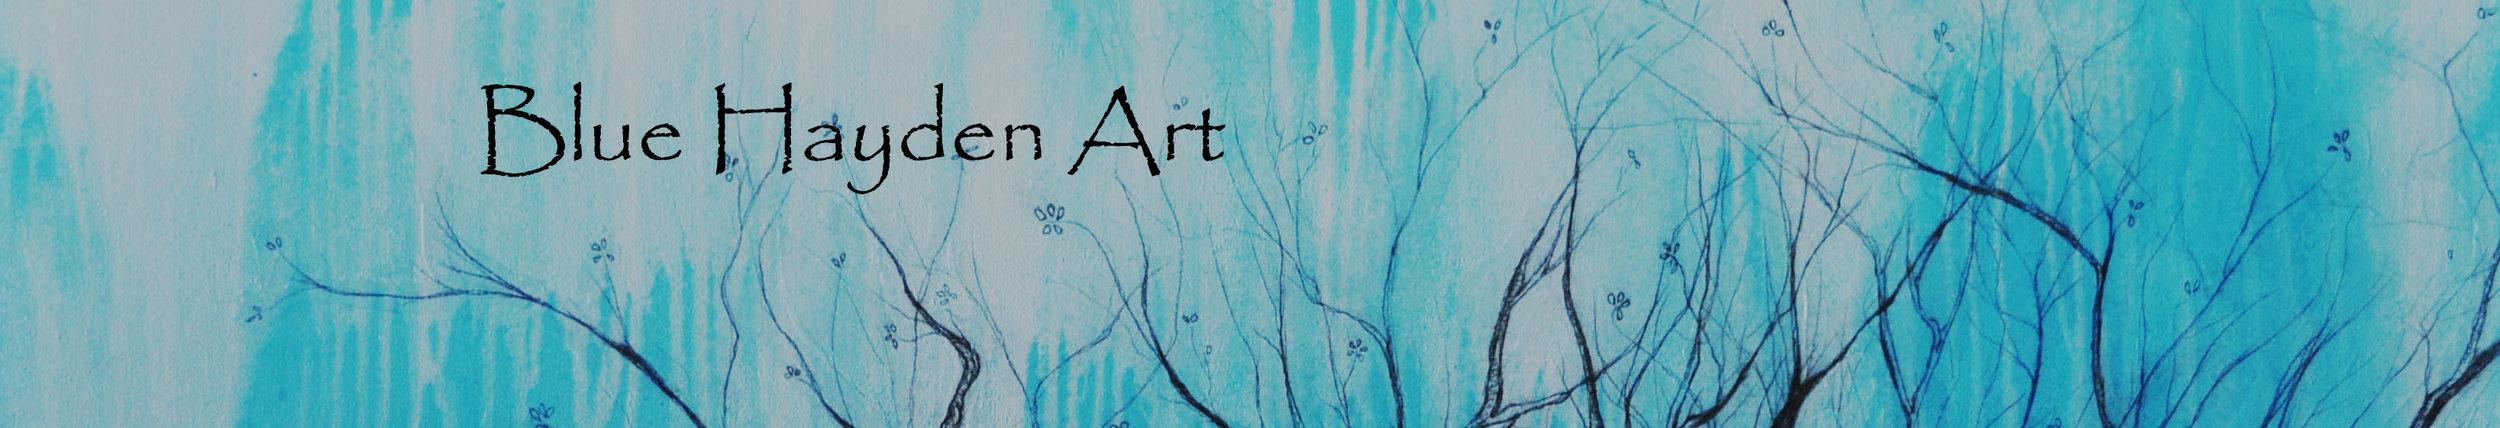 Blue Hayden Art.jpg